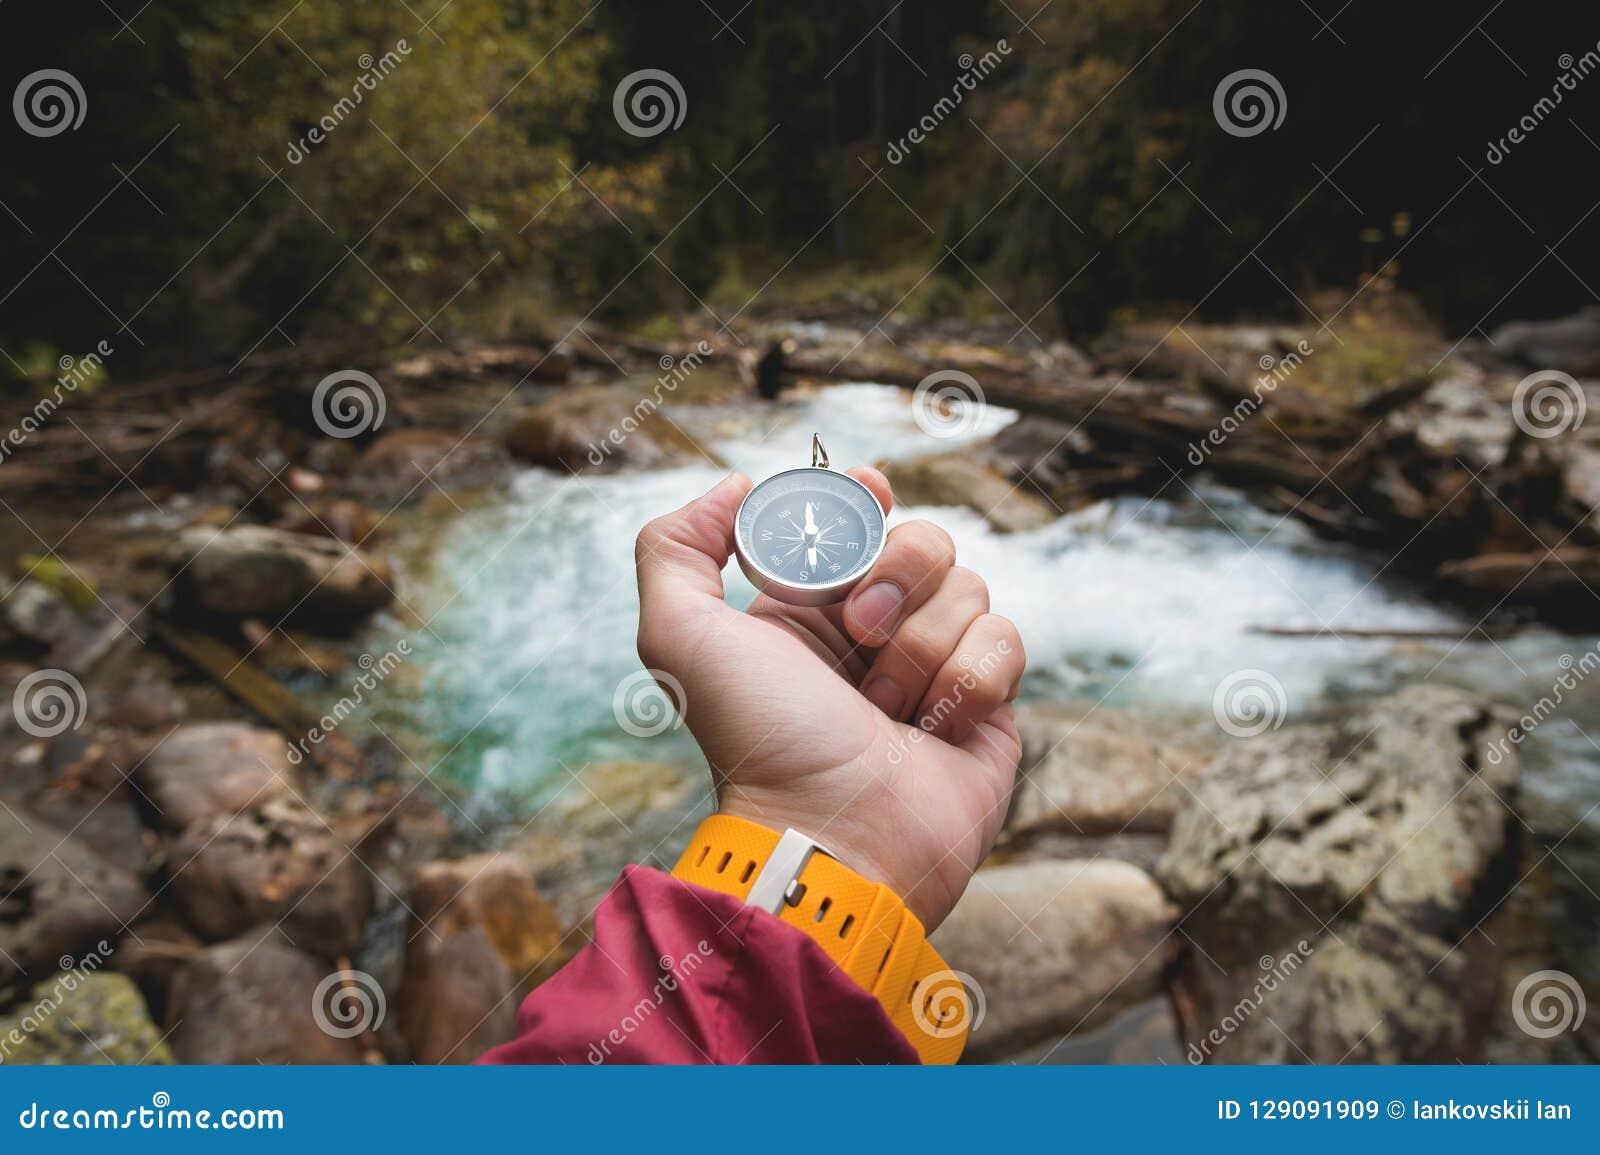 Красивая мужская рука с желтым ремешком держит магнитный компас в coniferous лесе осени против a